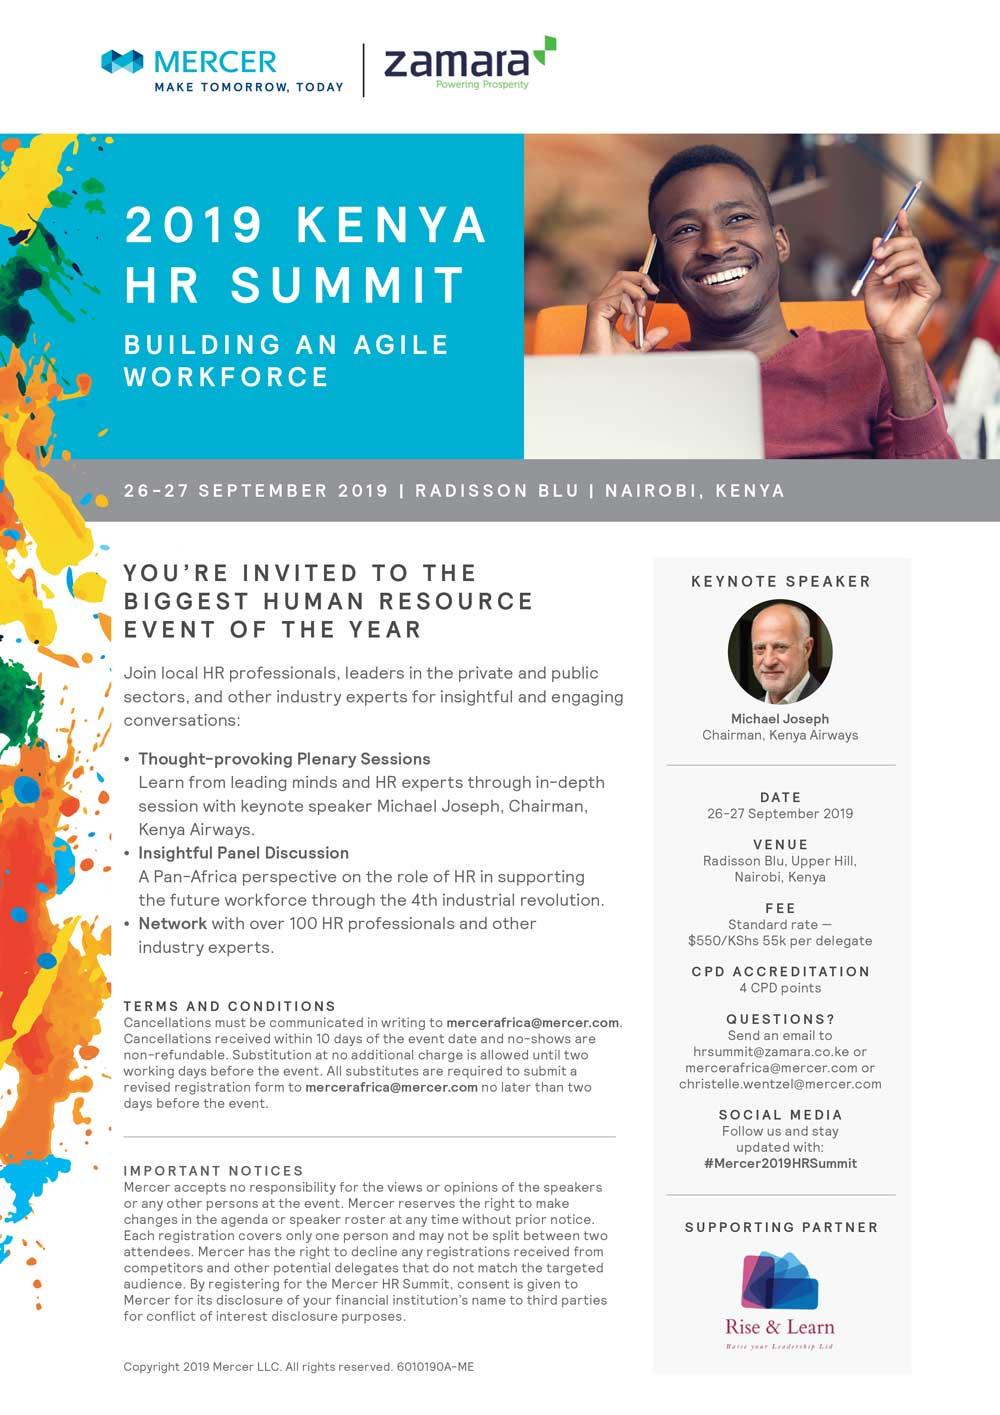 2019 Kenya HR Summit ( Building an Agile Workforce)